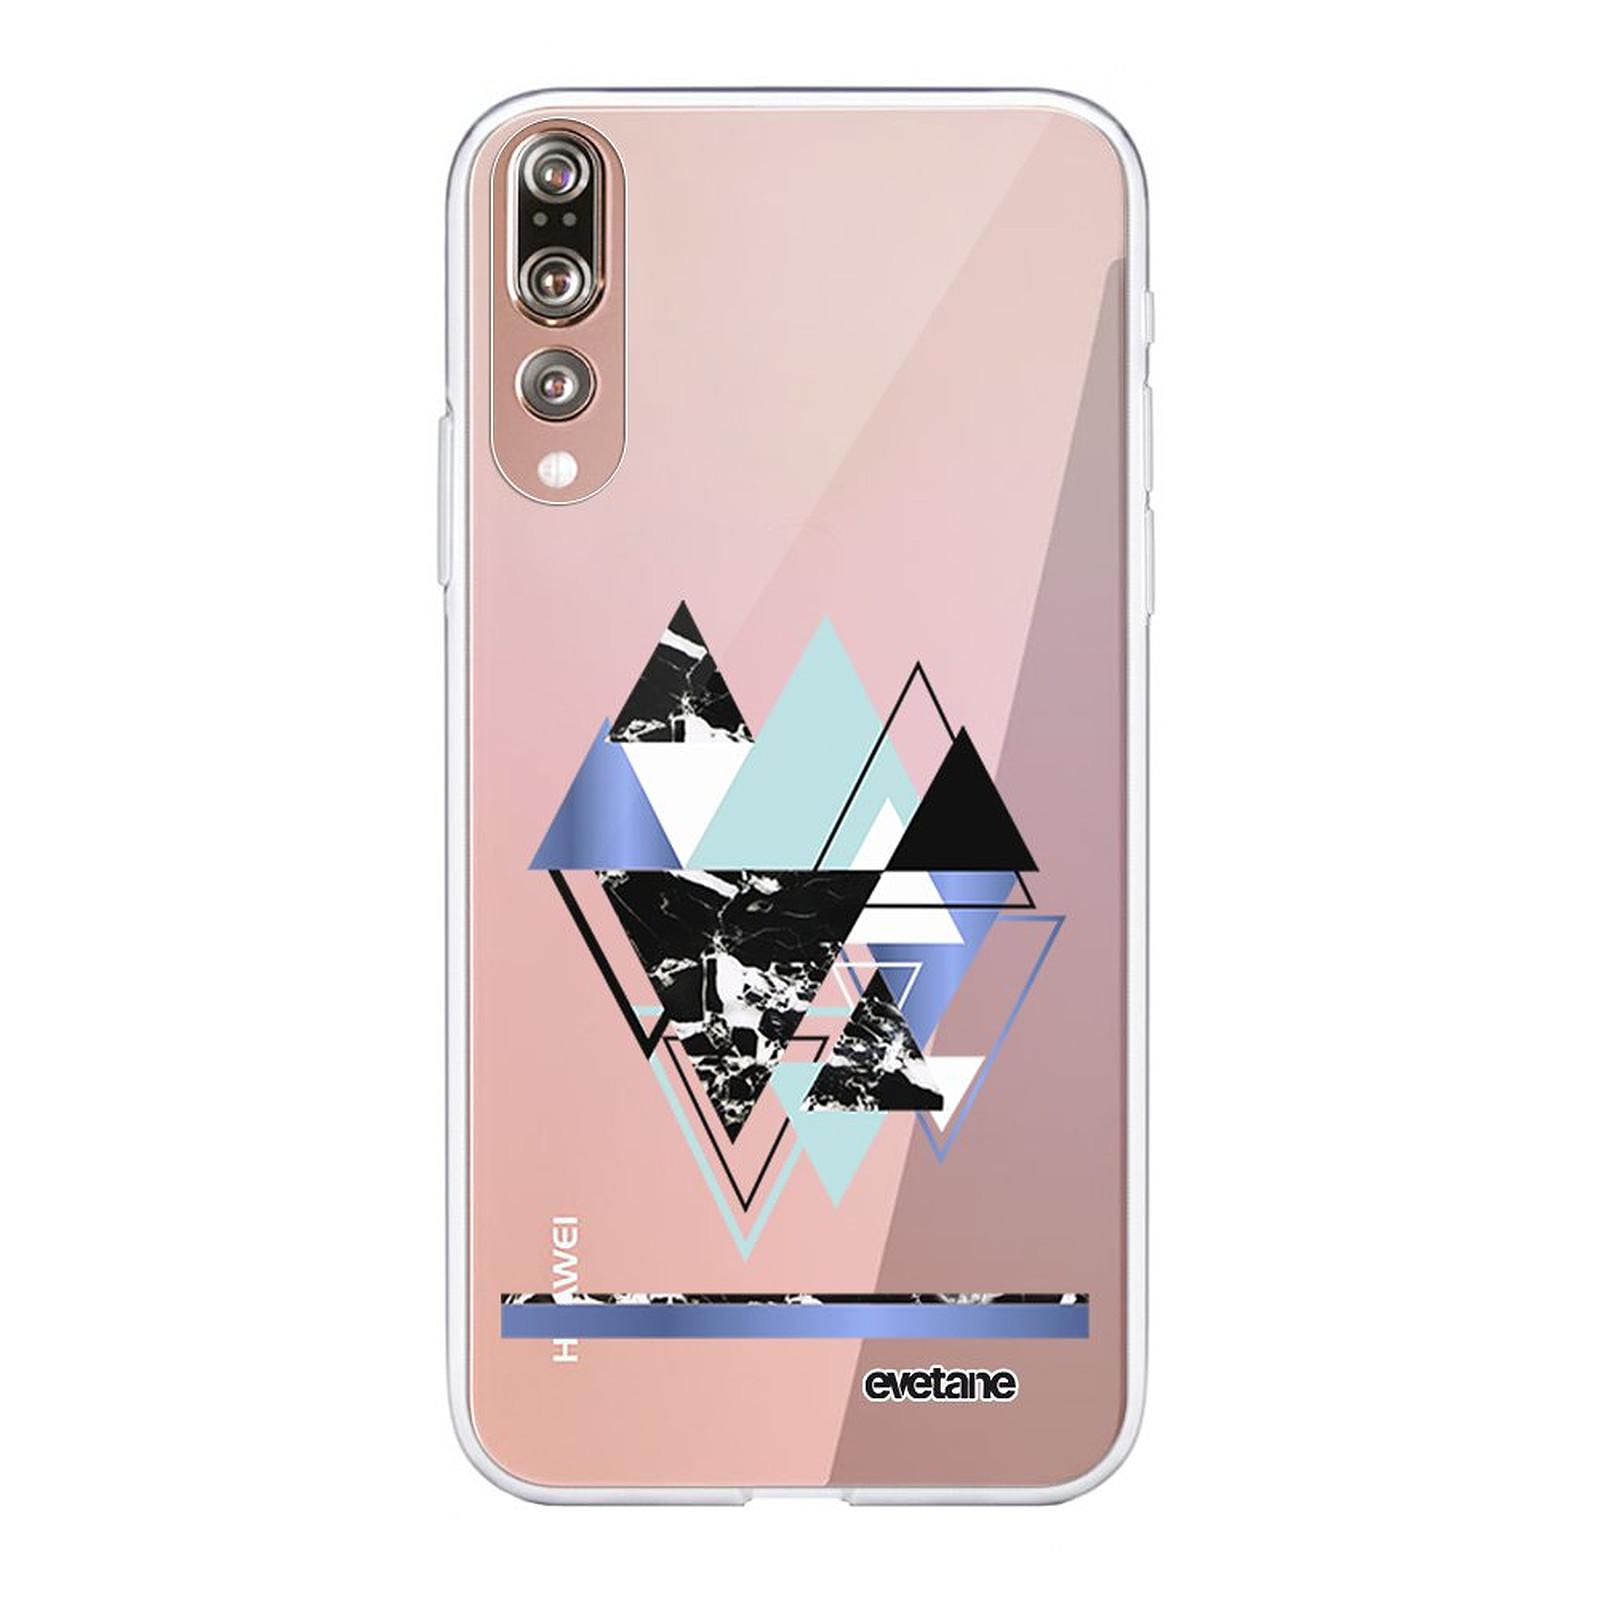 EVETANE Coque Huawei P20 Pro souple transparente Triangles Bleus - Coque téléphone Evetane sur LDLC